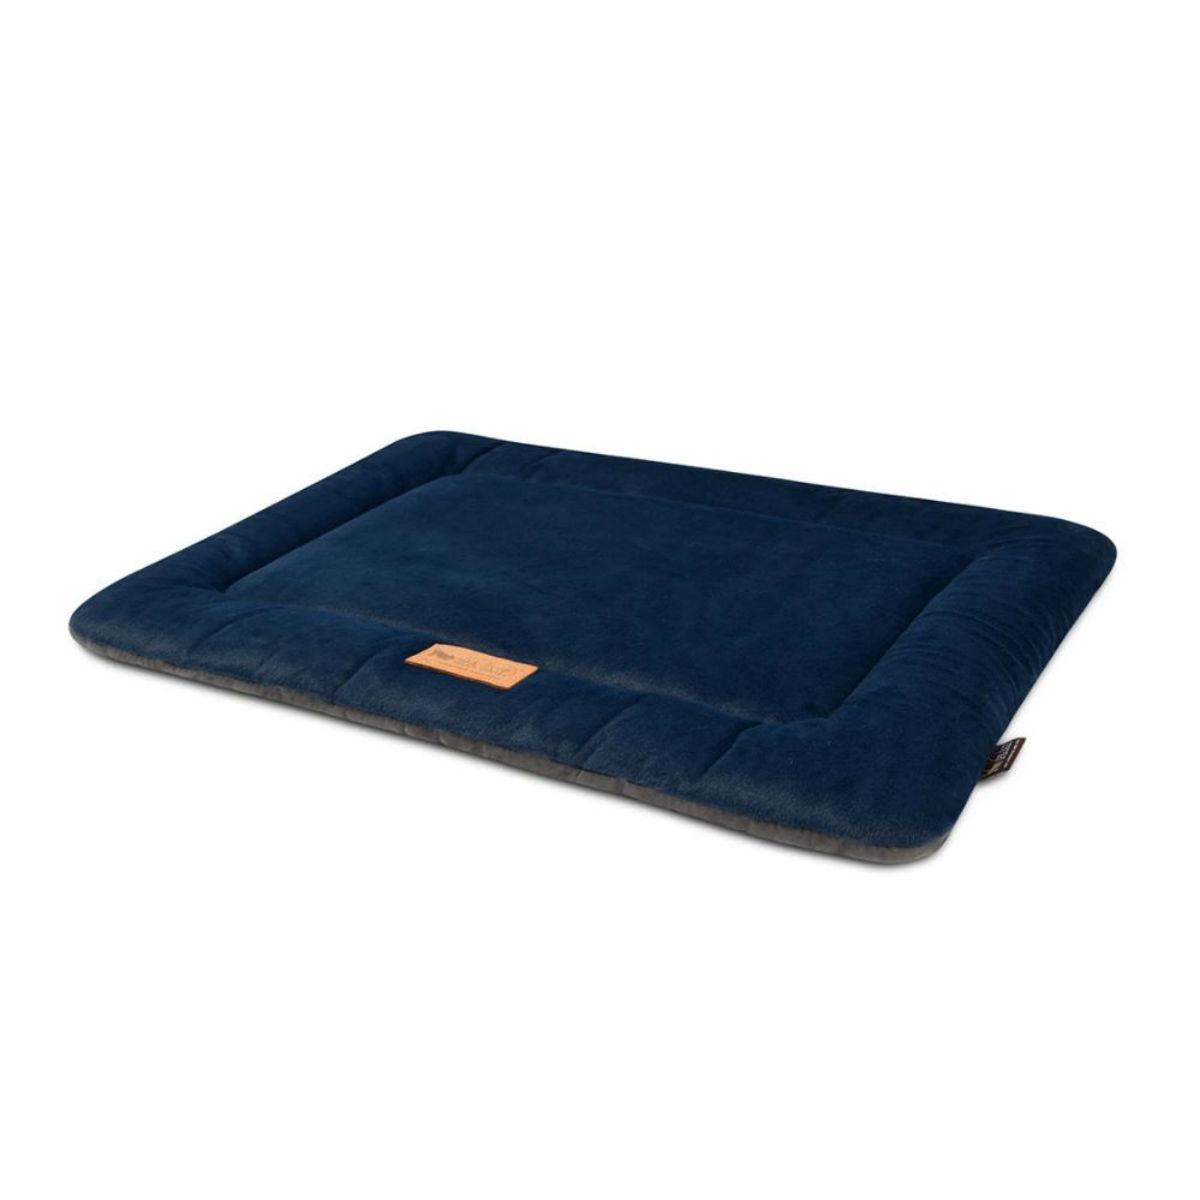 P.L.A.Y. Chill Pad Dog Bed - Indigo